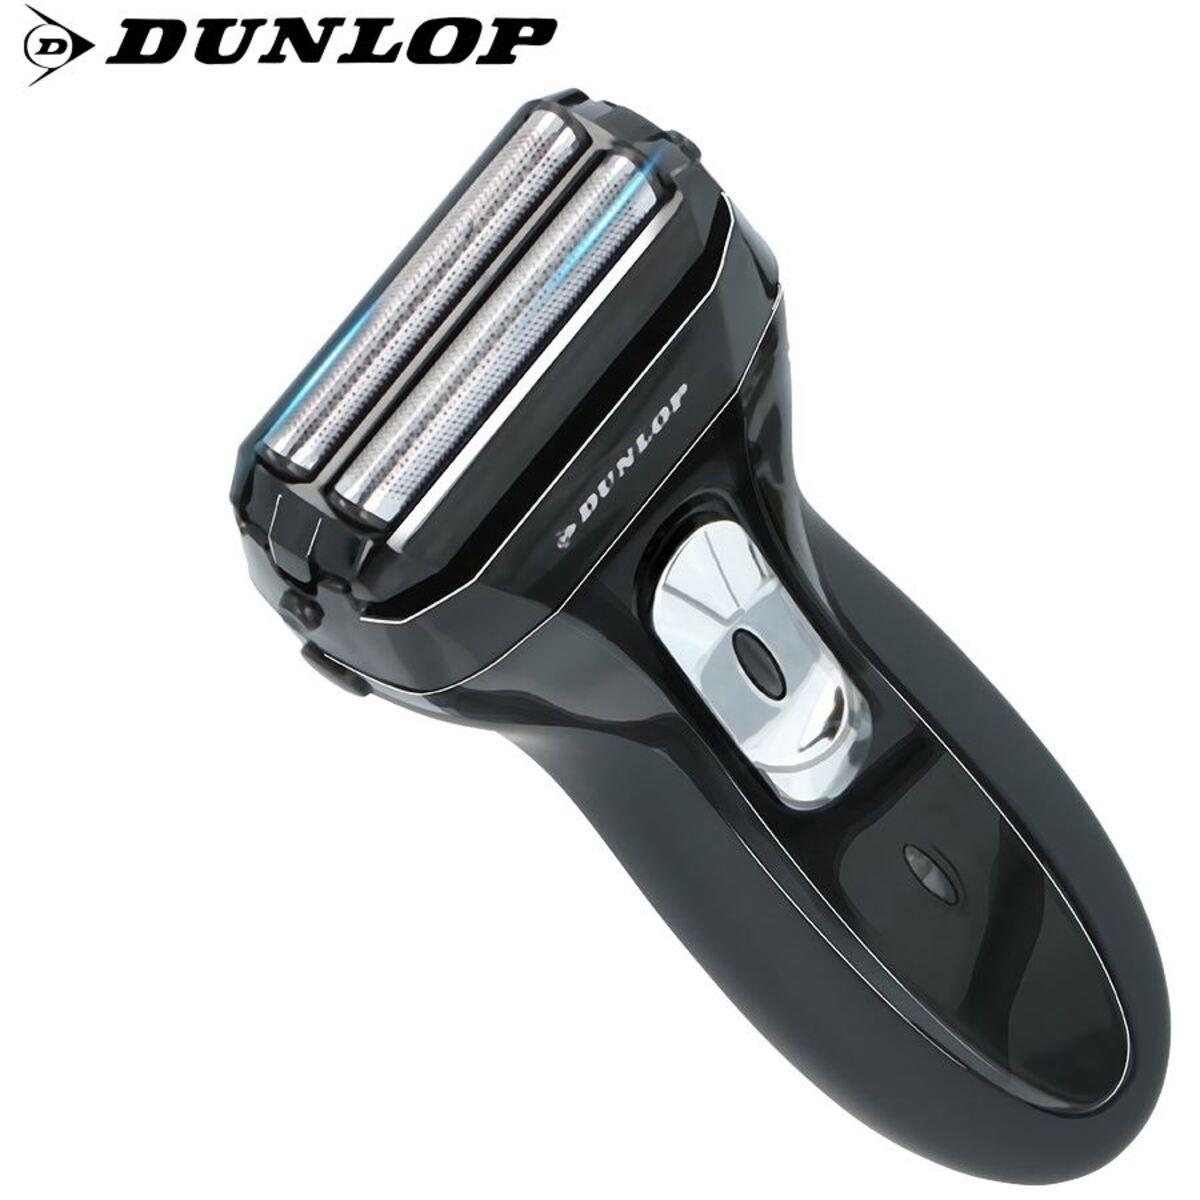 Bild 1 von Dunlop Akkurasierer RSM-1308